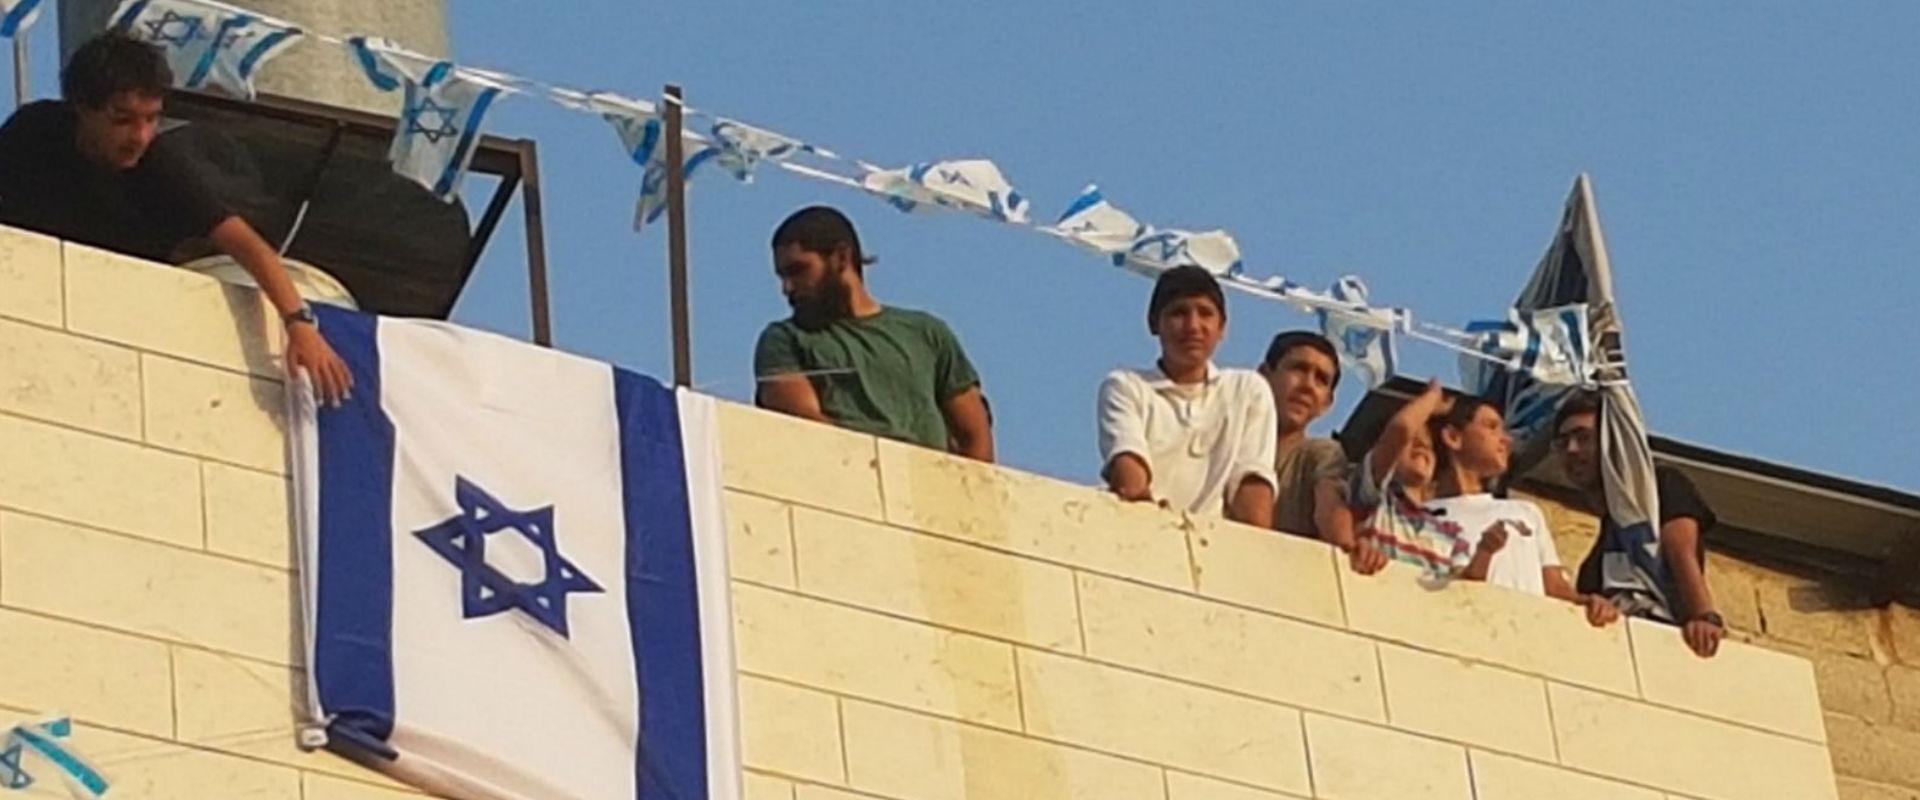 המתבצרים בבית המכפלה (צילום: ציפי שליסל, TPS)